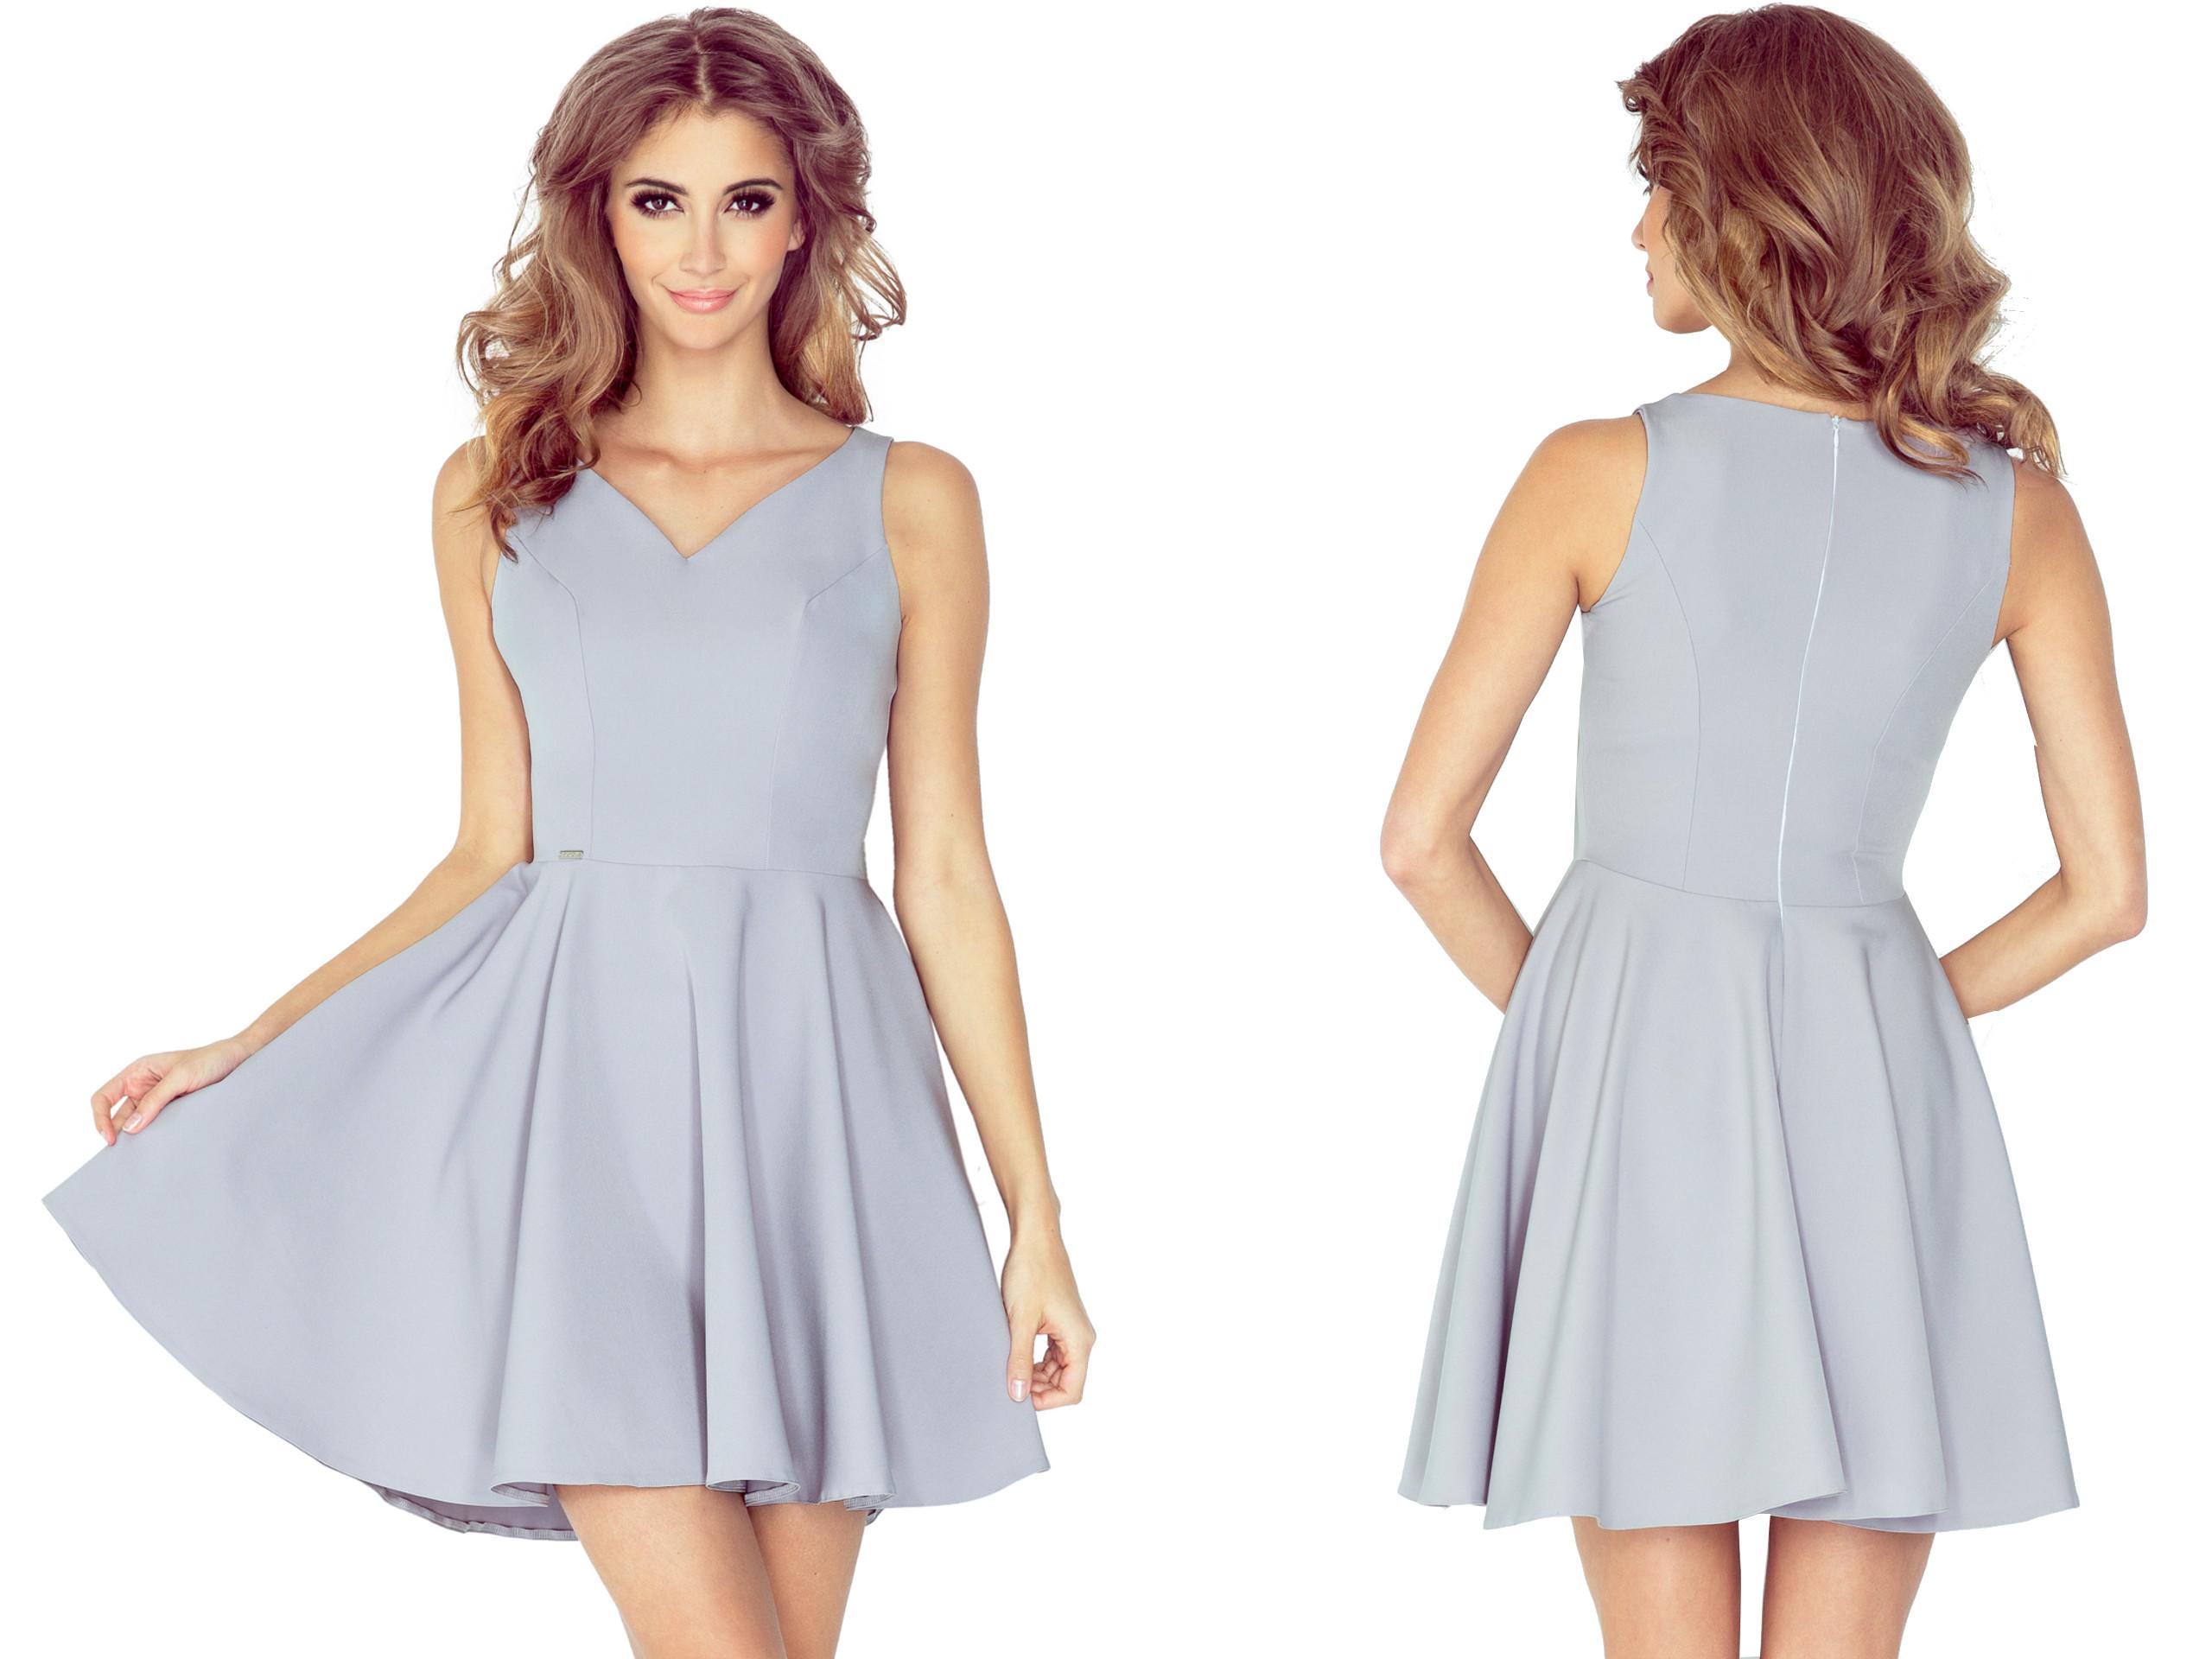 2518c6bc4f MODNA Młodzieżowa Sukienka KOKTAJLOWA 014-3 L r.40 7209056762 - Allegro.pl